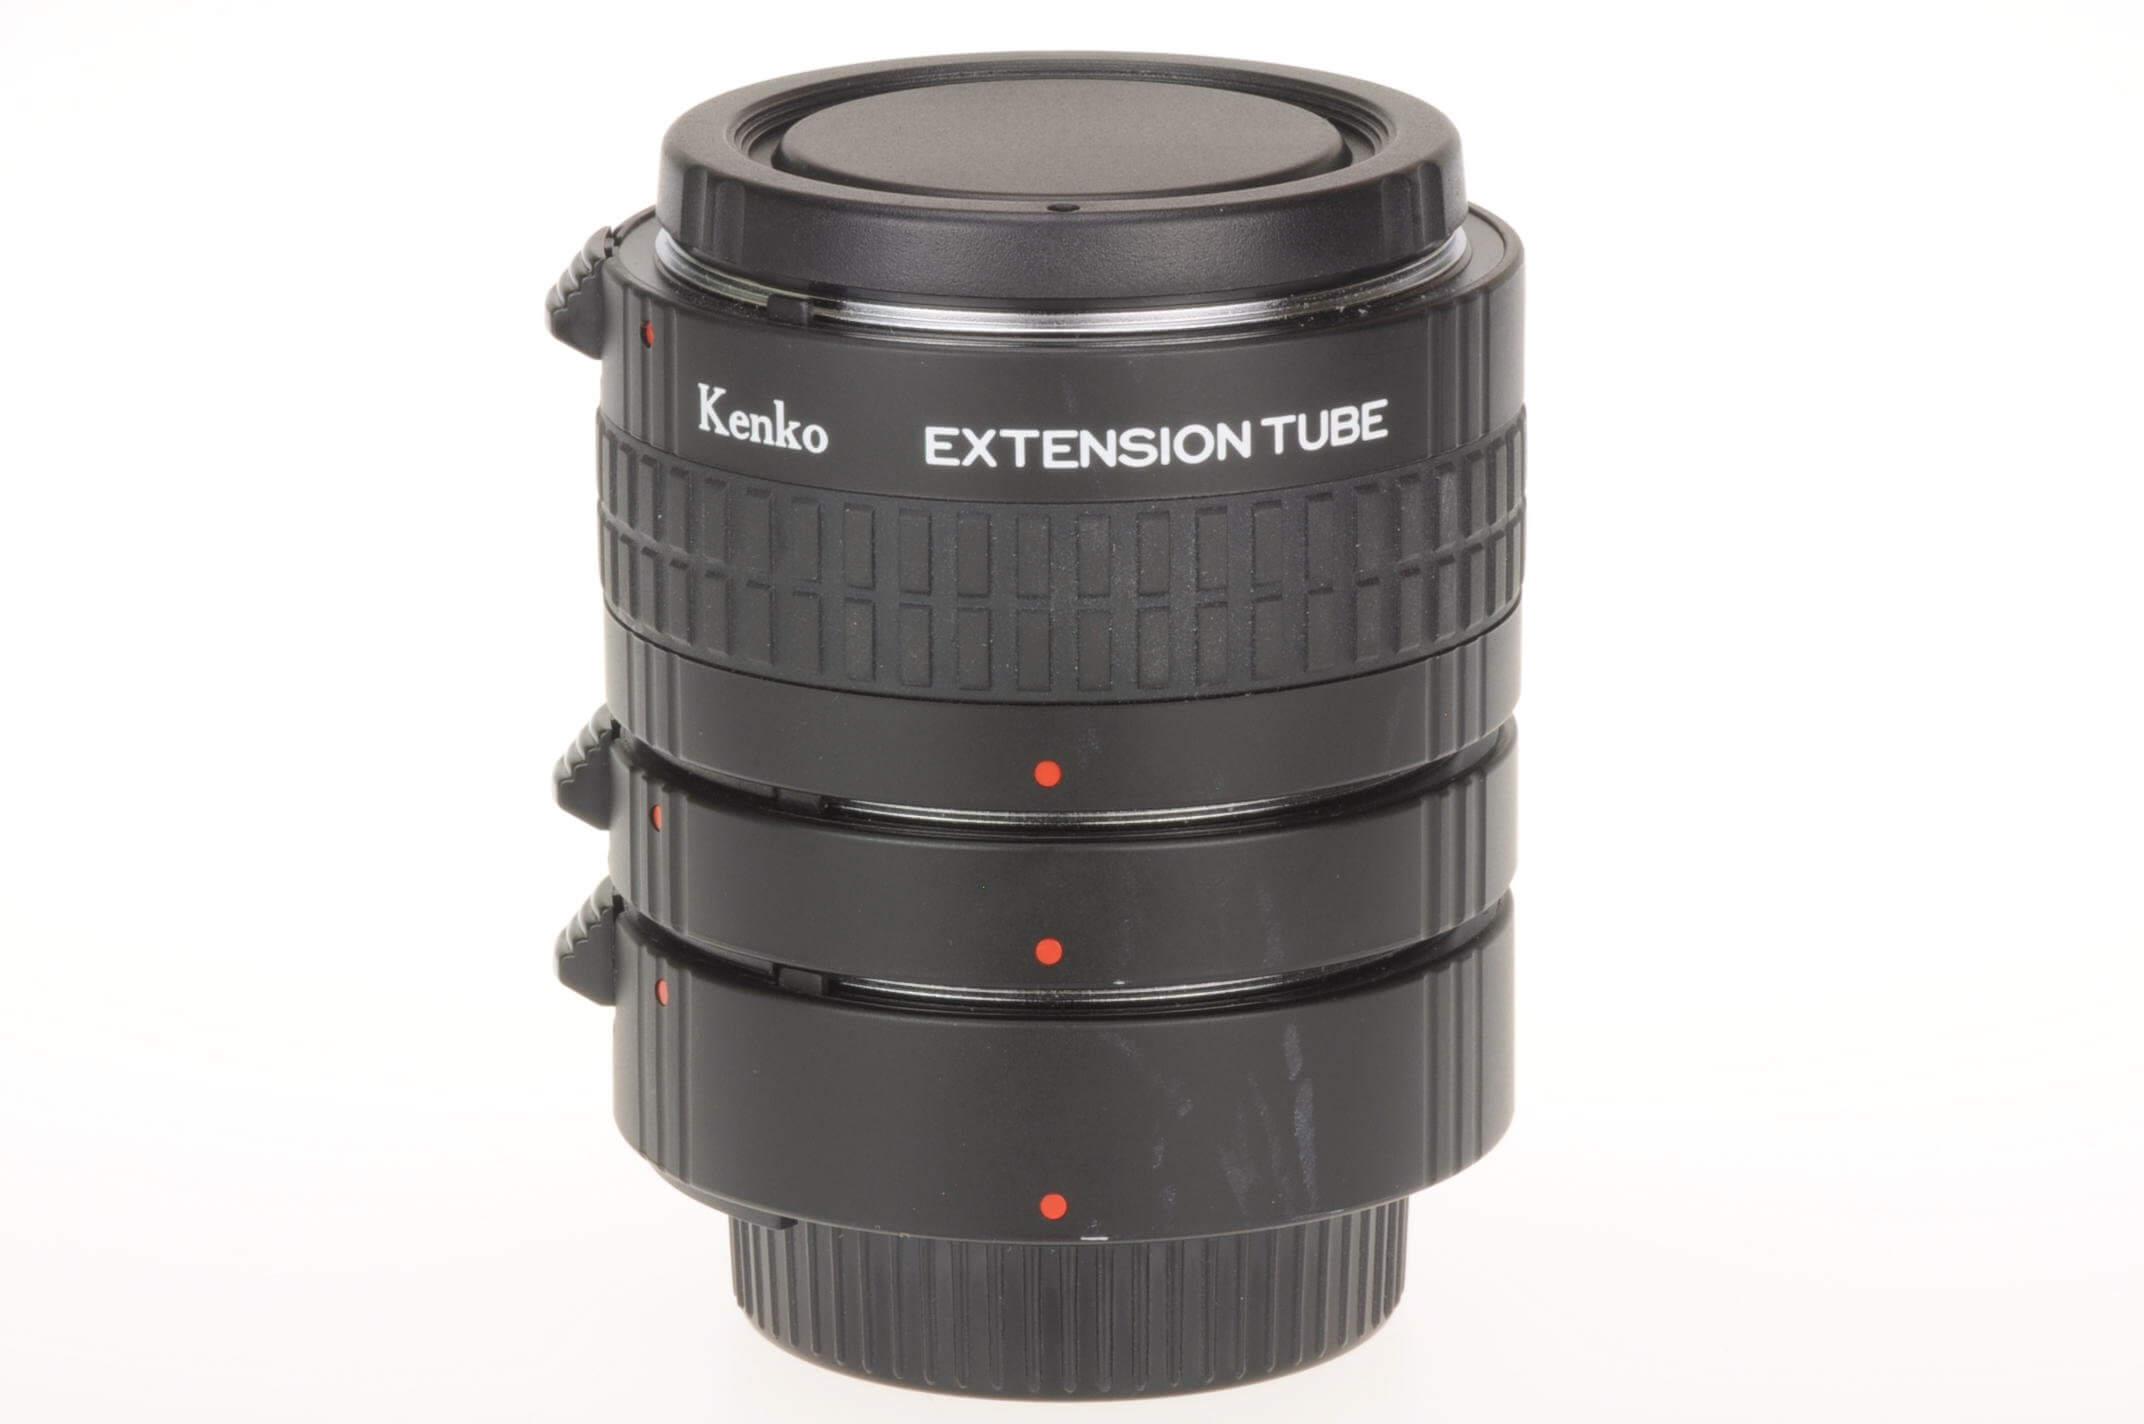 Kenko DG AF Extension Tube set for Nikon, Mint!